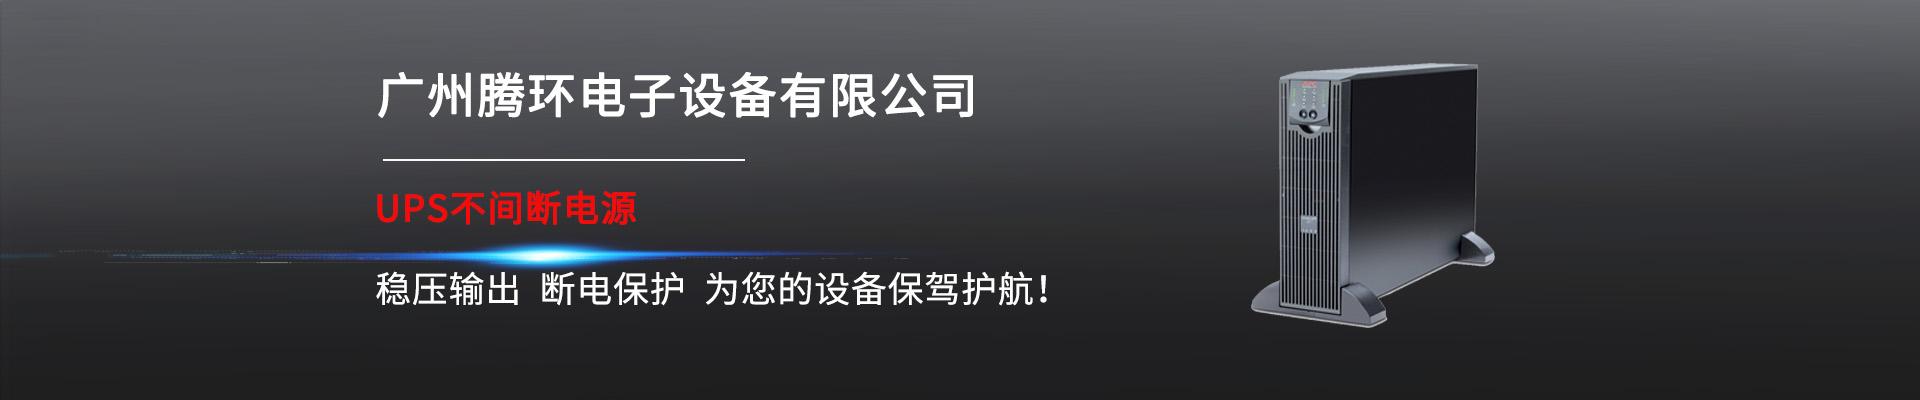 广州腾环电子设备有限公司